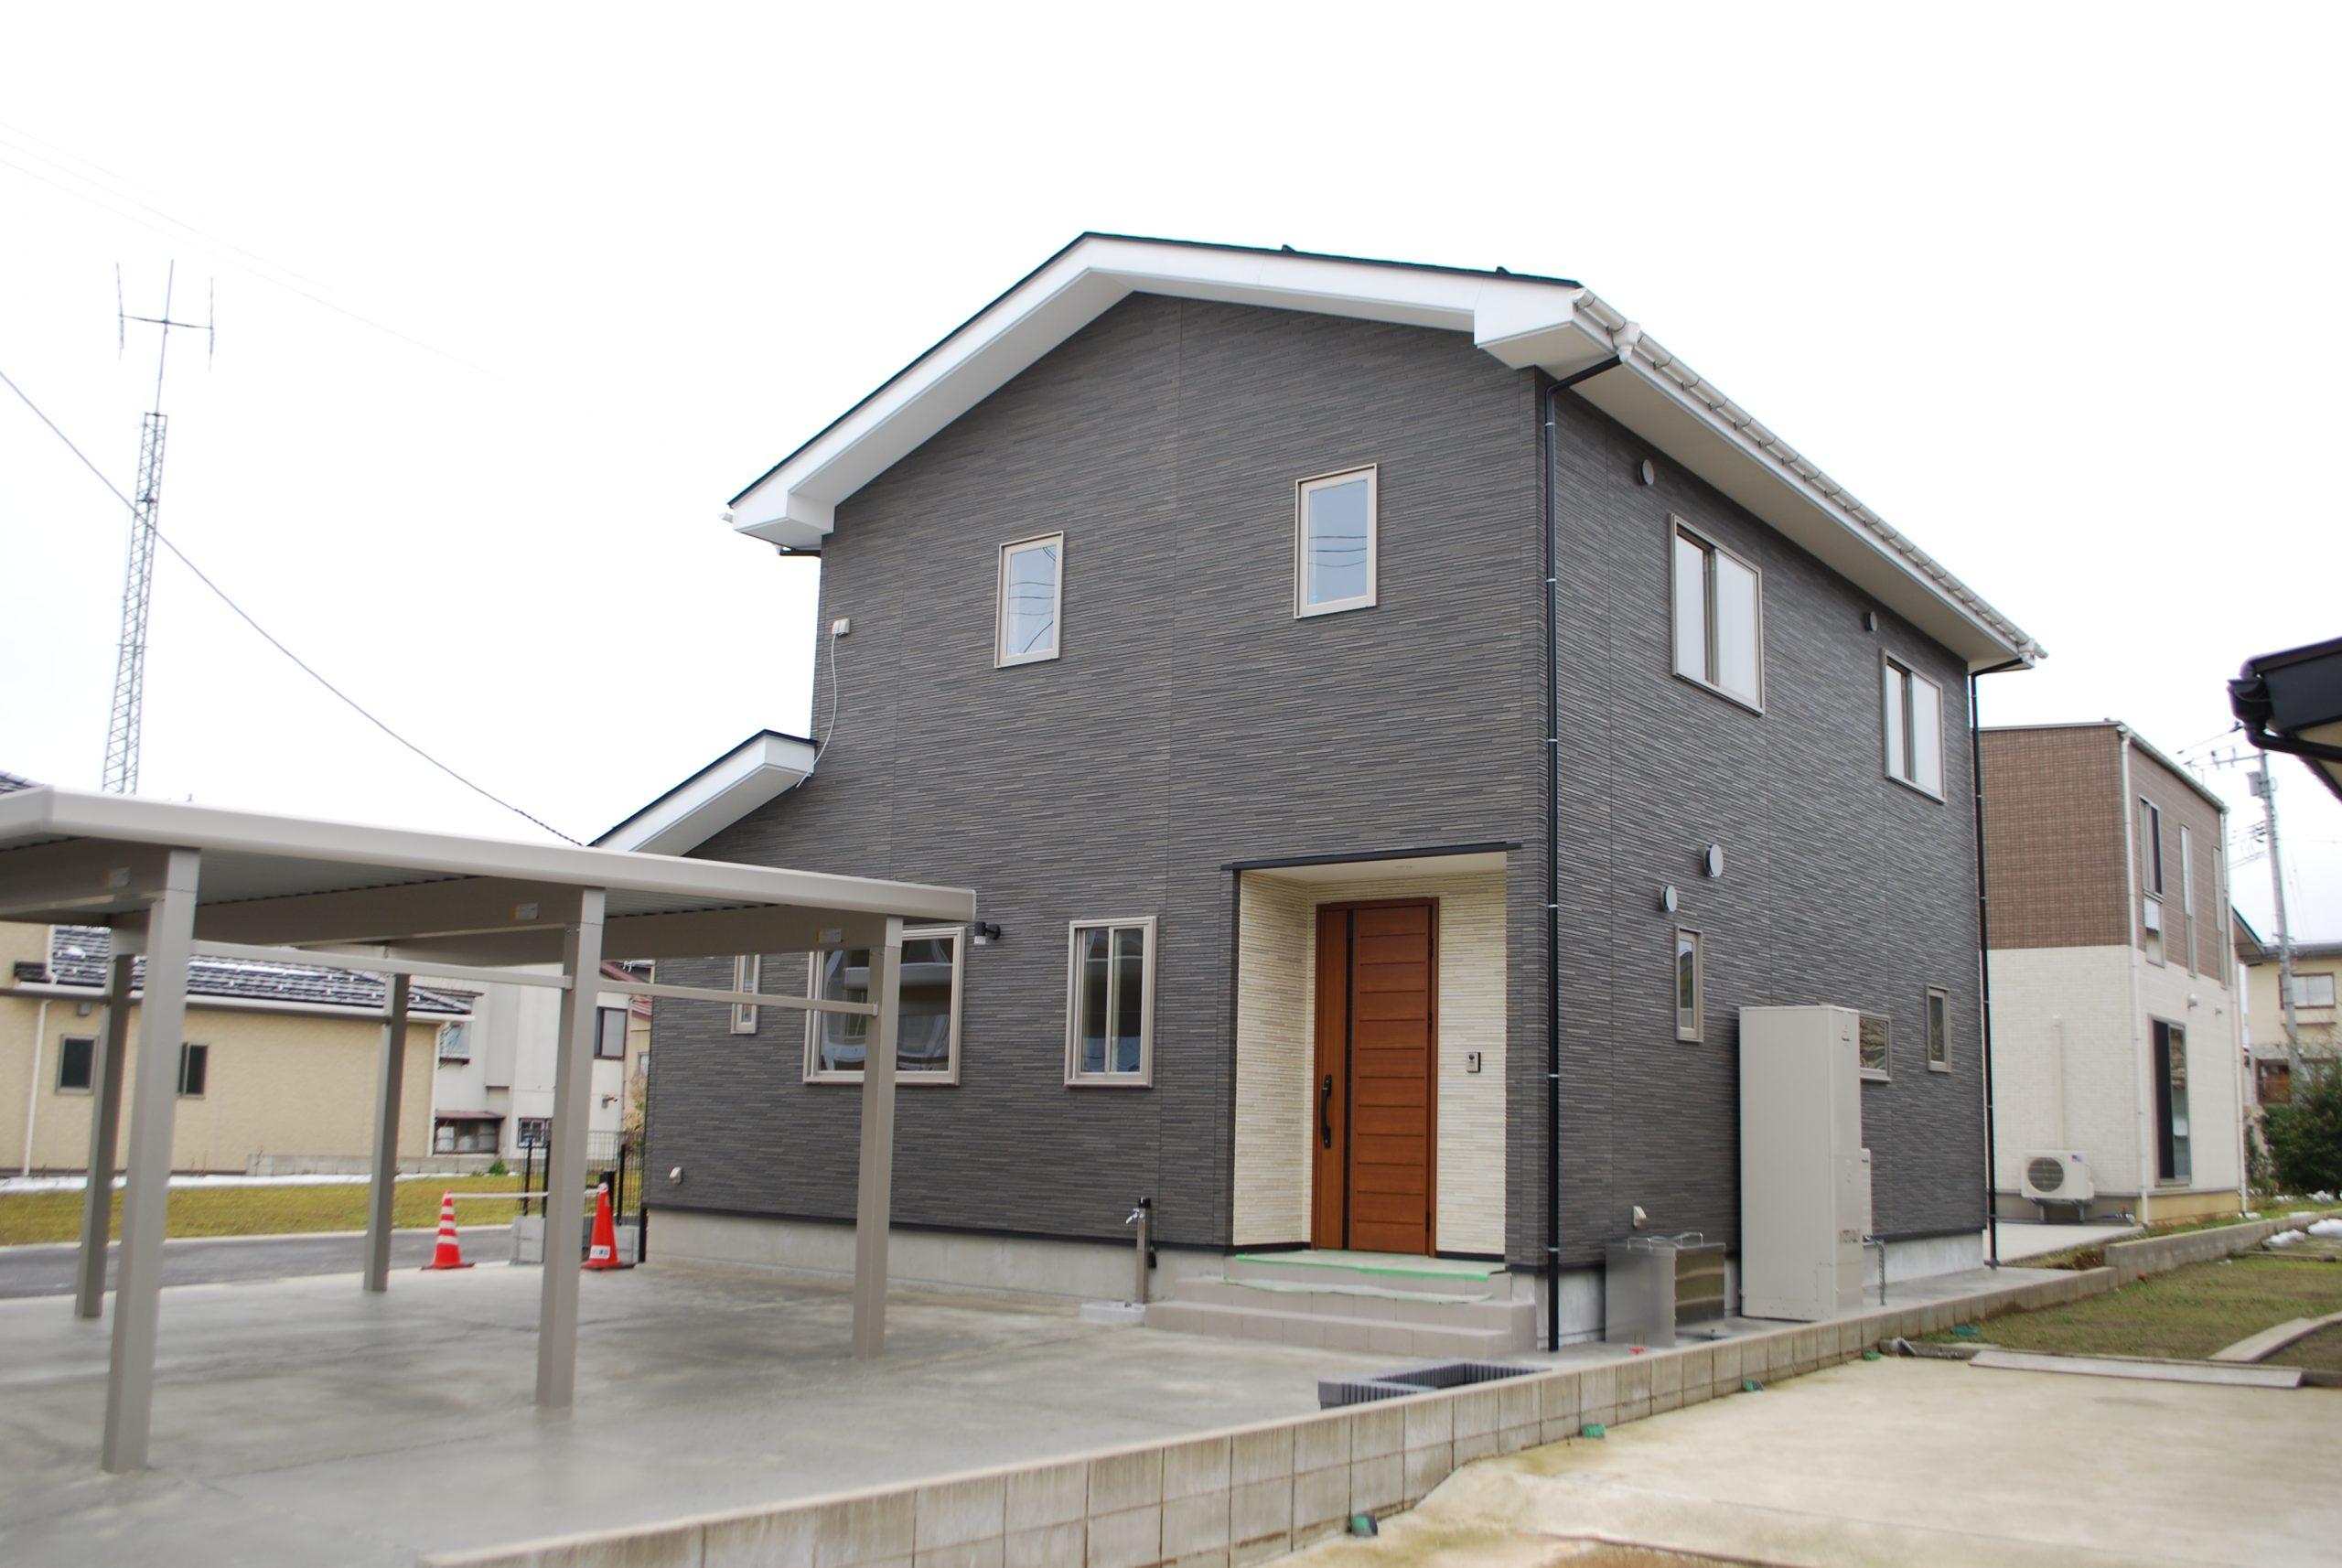 上越市東本町3丁目地内で住宅の完成見学会を開催いたします お住まいのテーマはペットと暮らす家